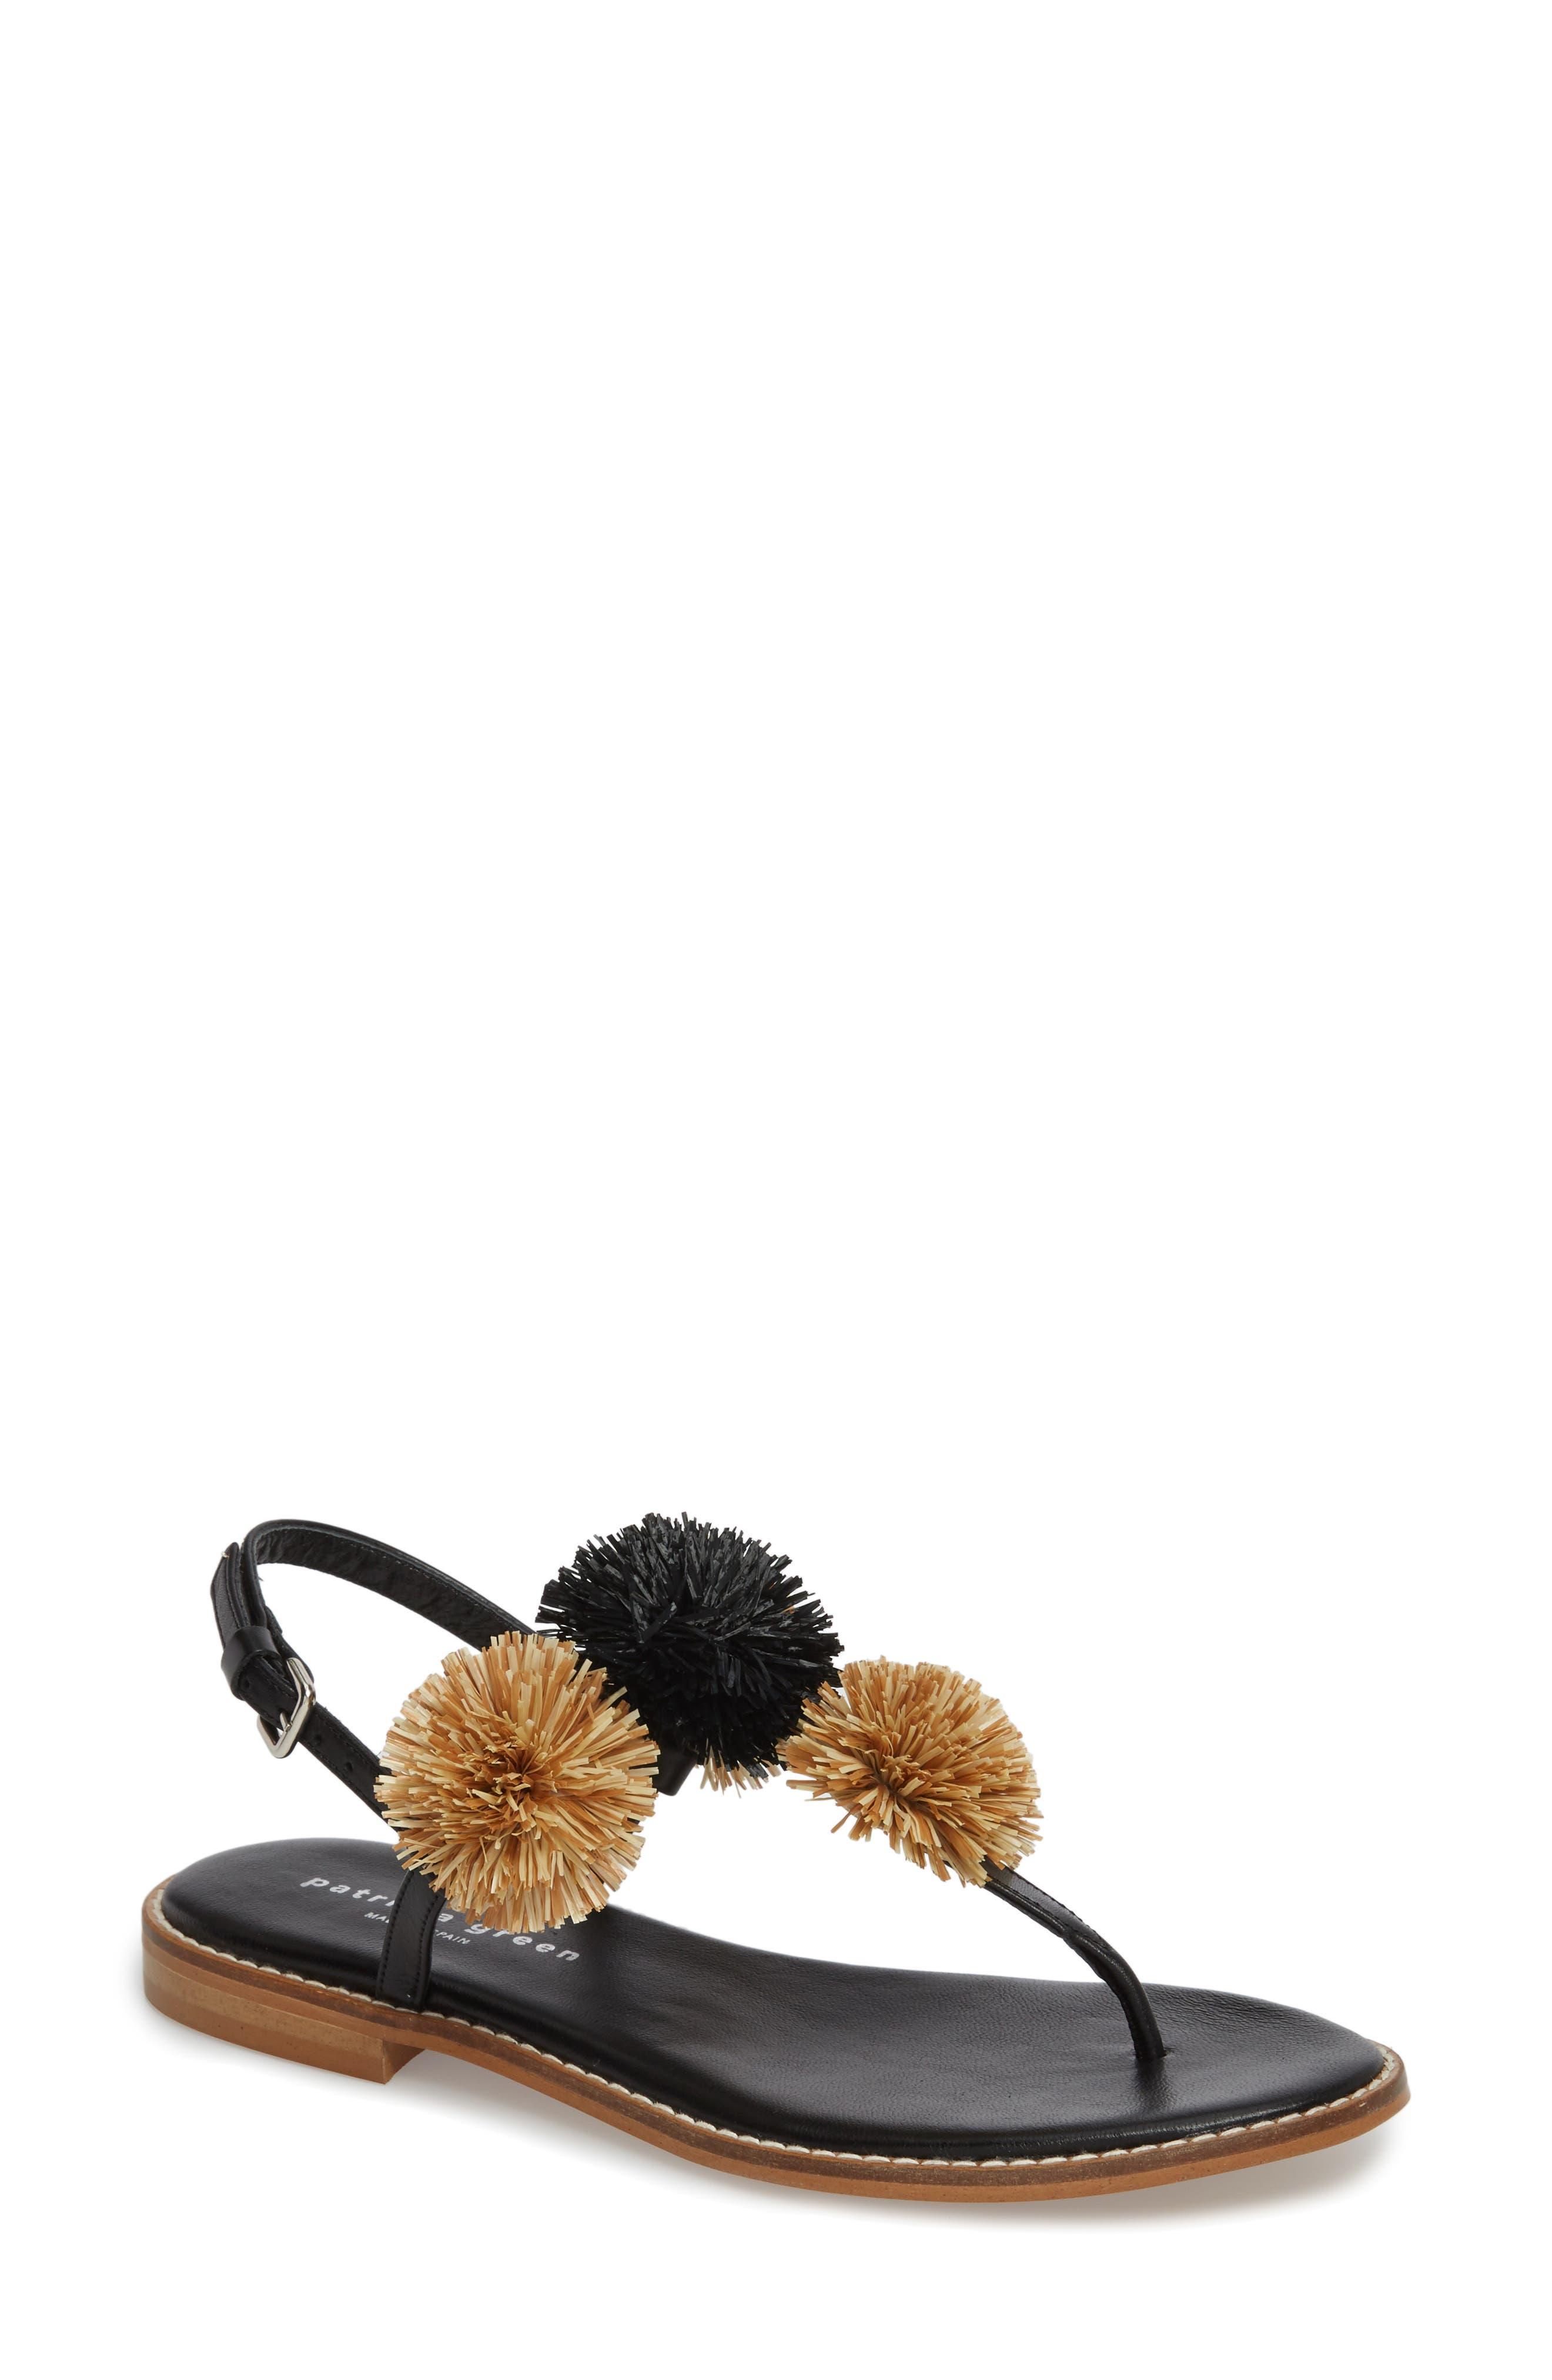 Pompom Thong Sandal,                         Main,                         color, Black Leather